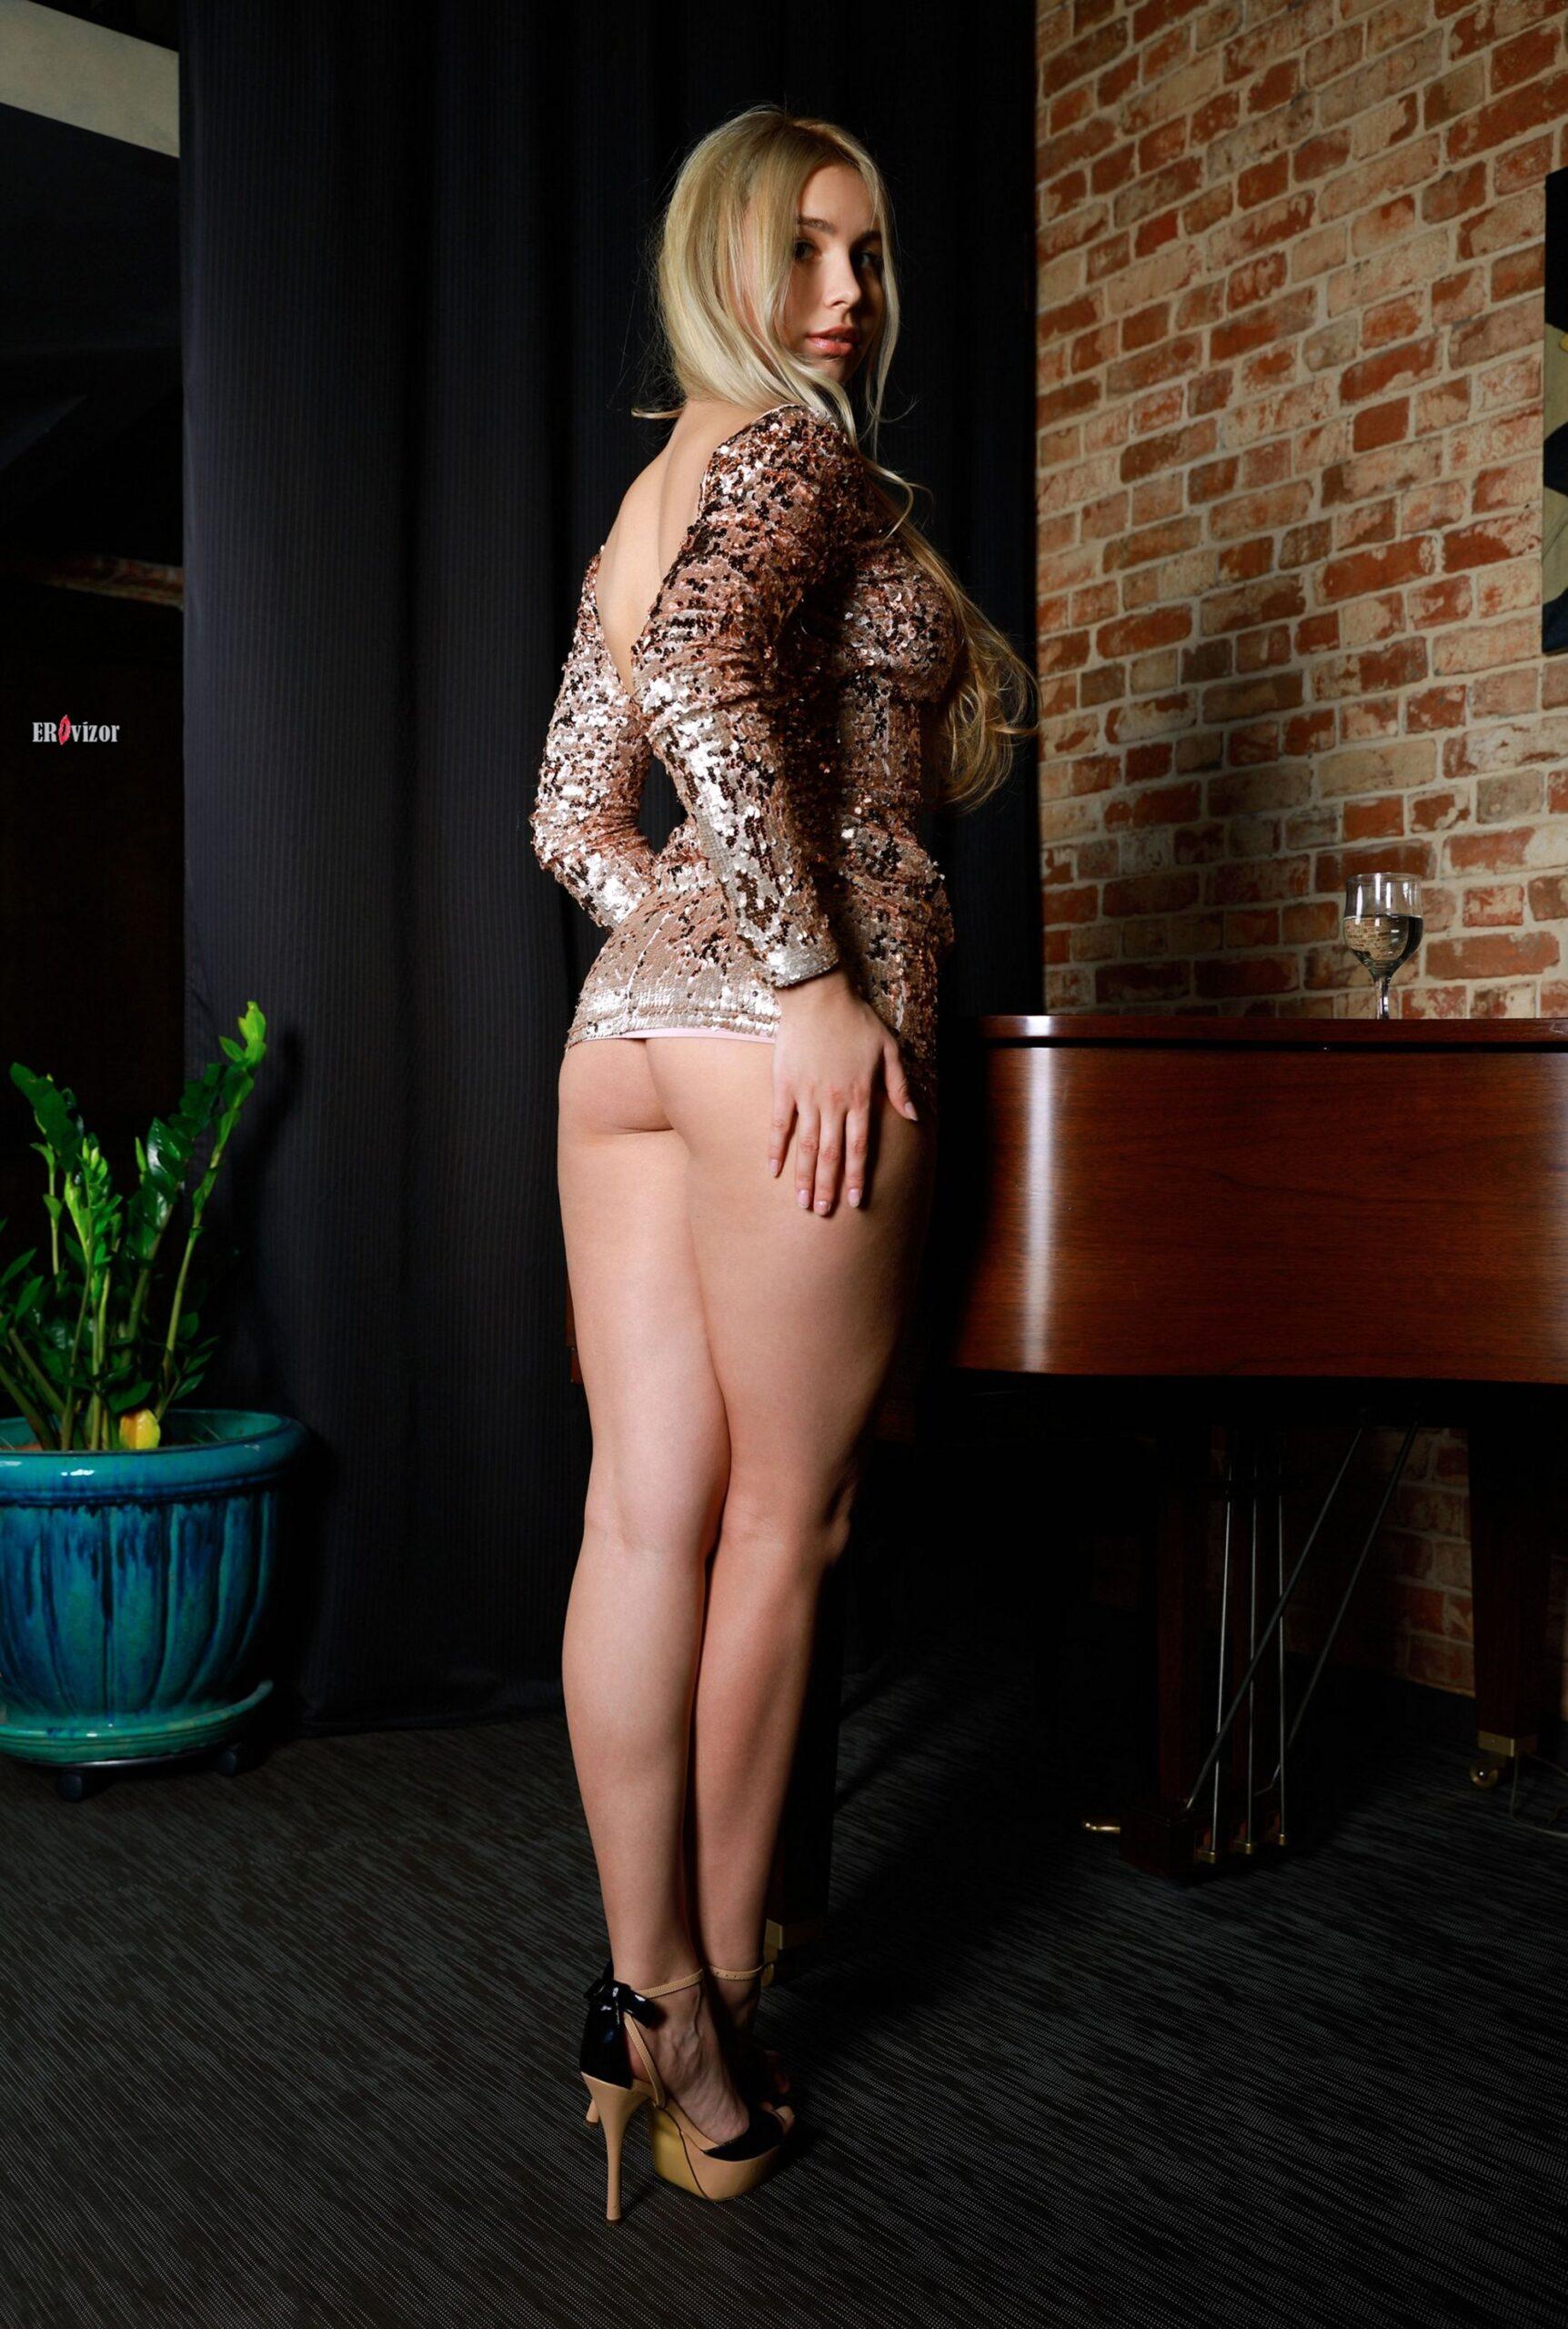 Soska-Candice-Lauren-klevaya_grud-erovizor (9)